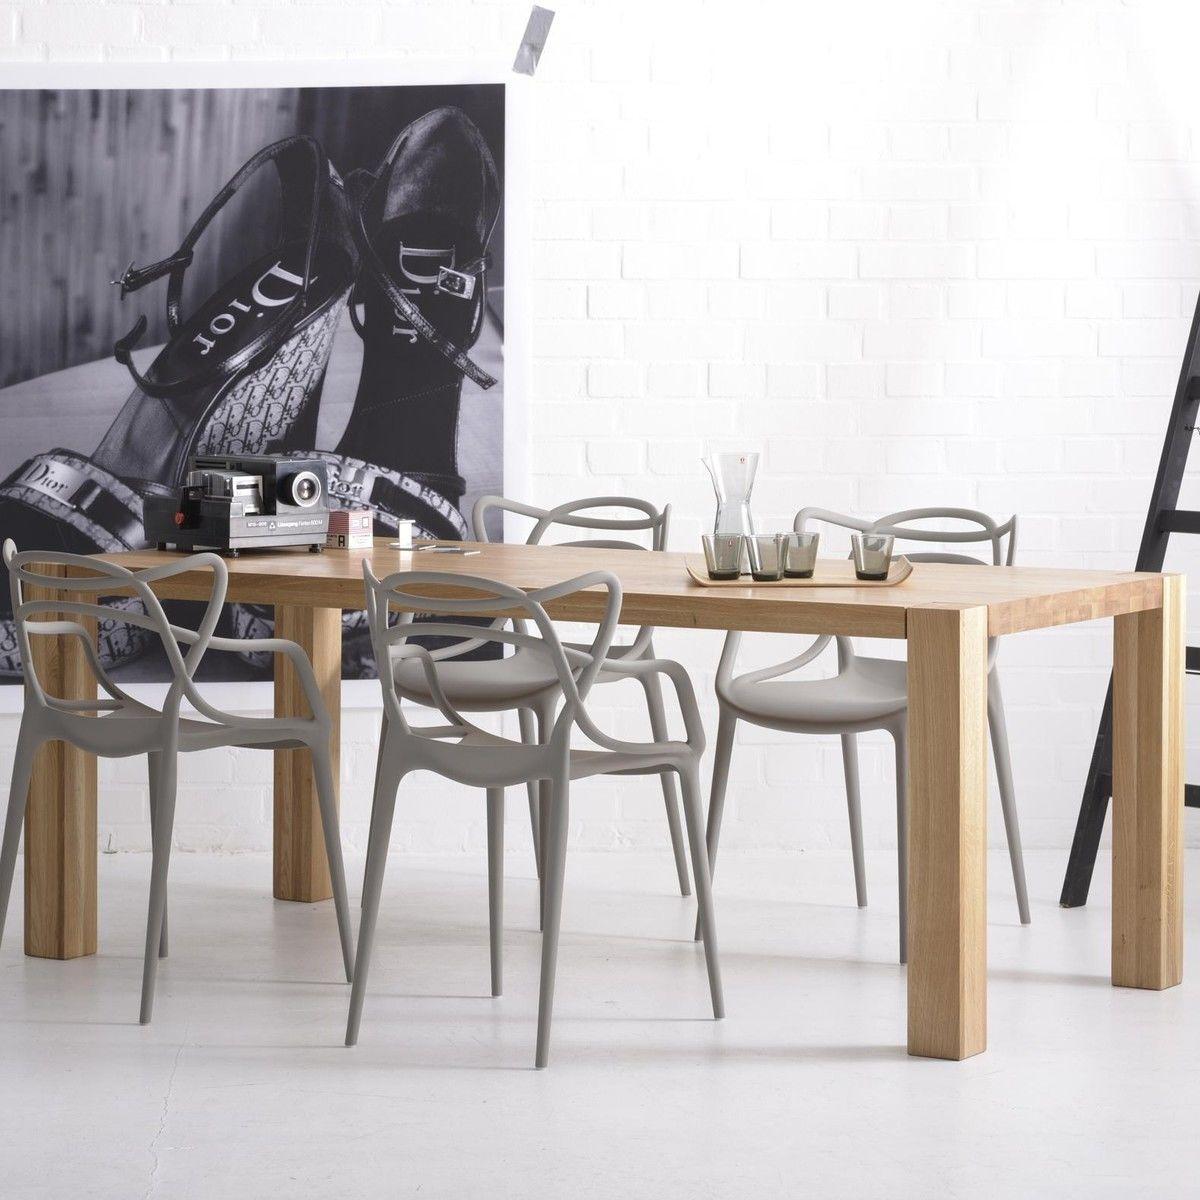 Mr big table de salle manger bois massif adwood for Salle a manger en bois massif